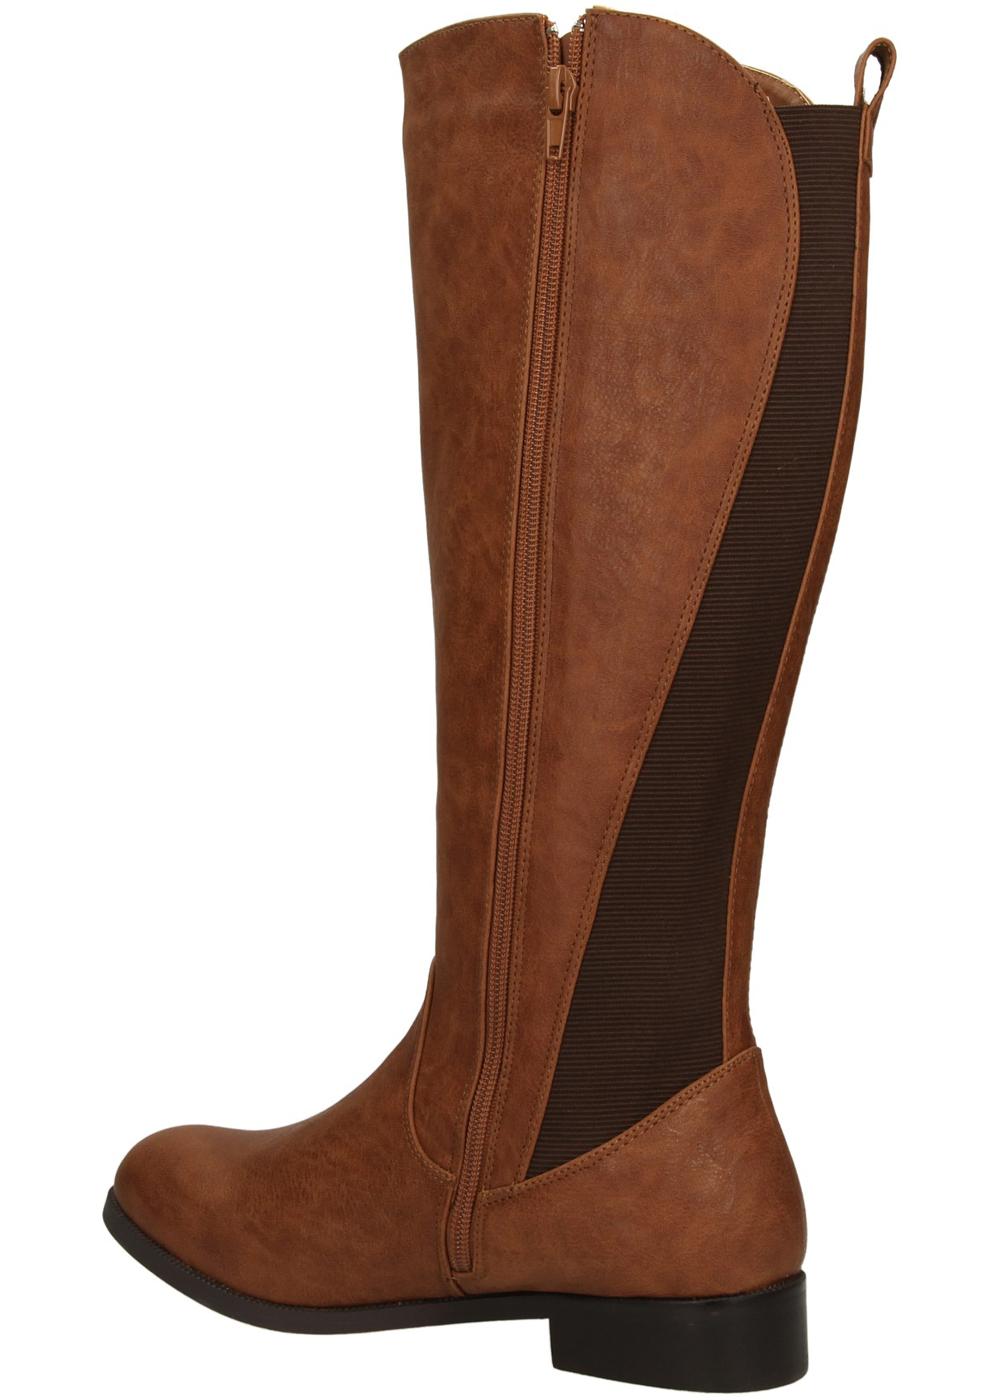 KOZAKI AMERICAN 3089B-A17 kolor brązowy